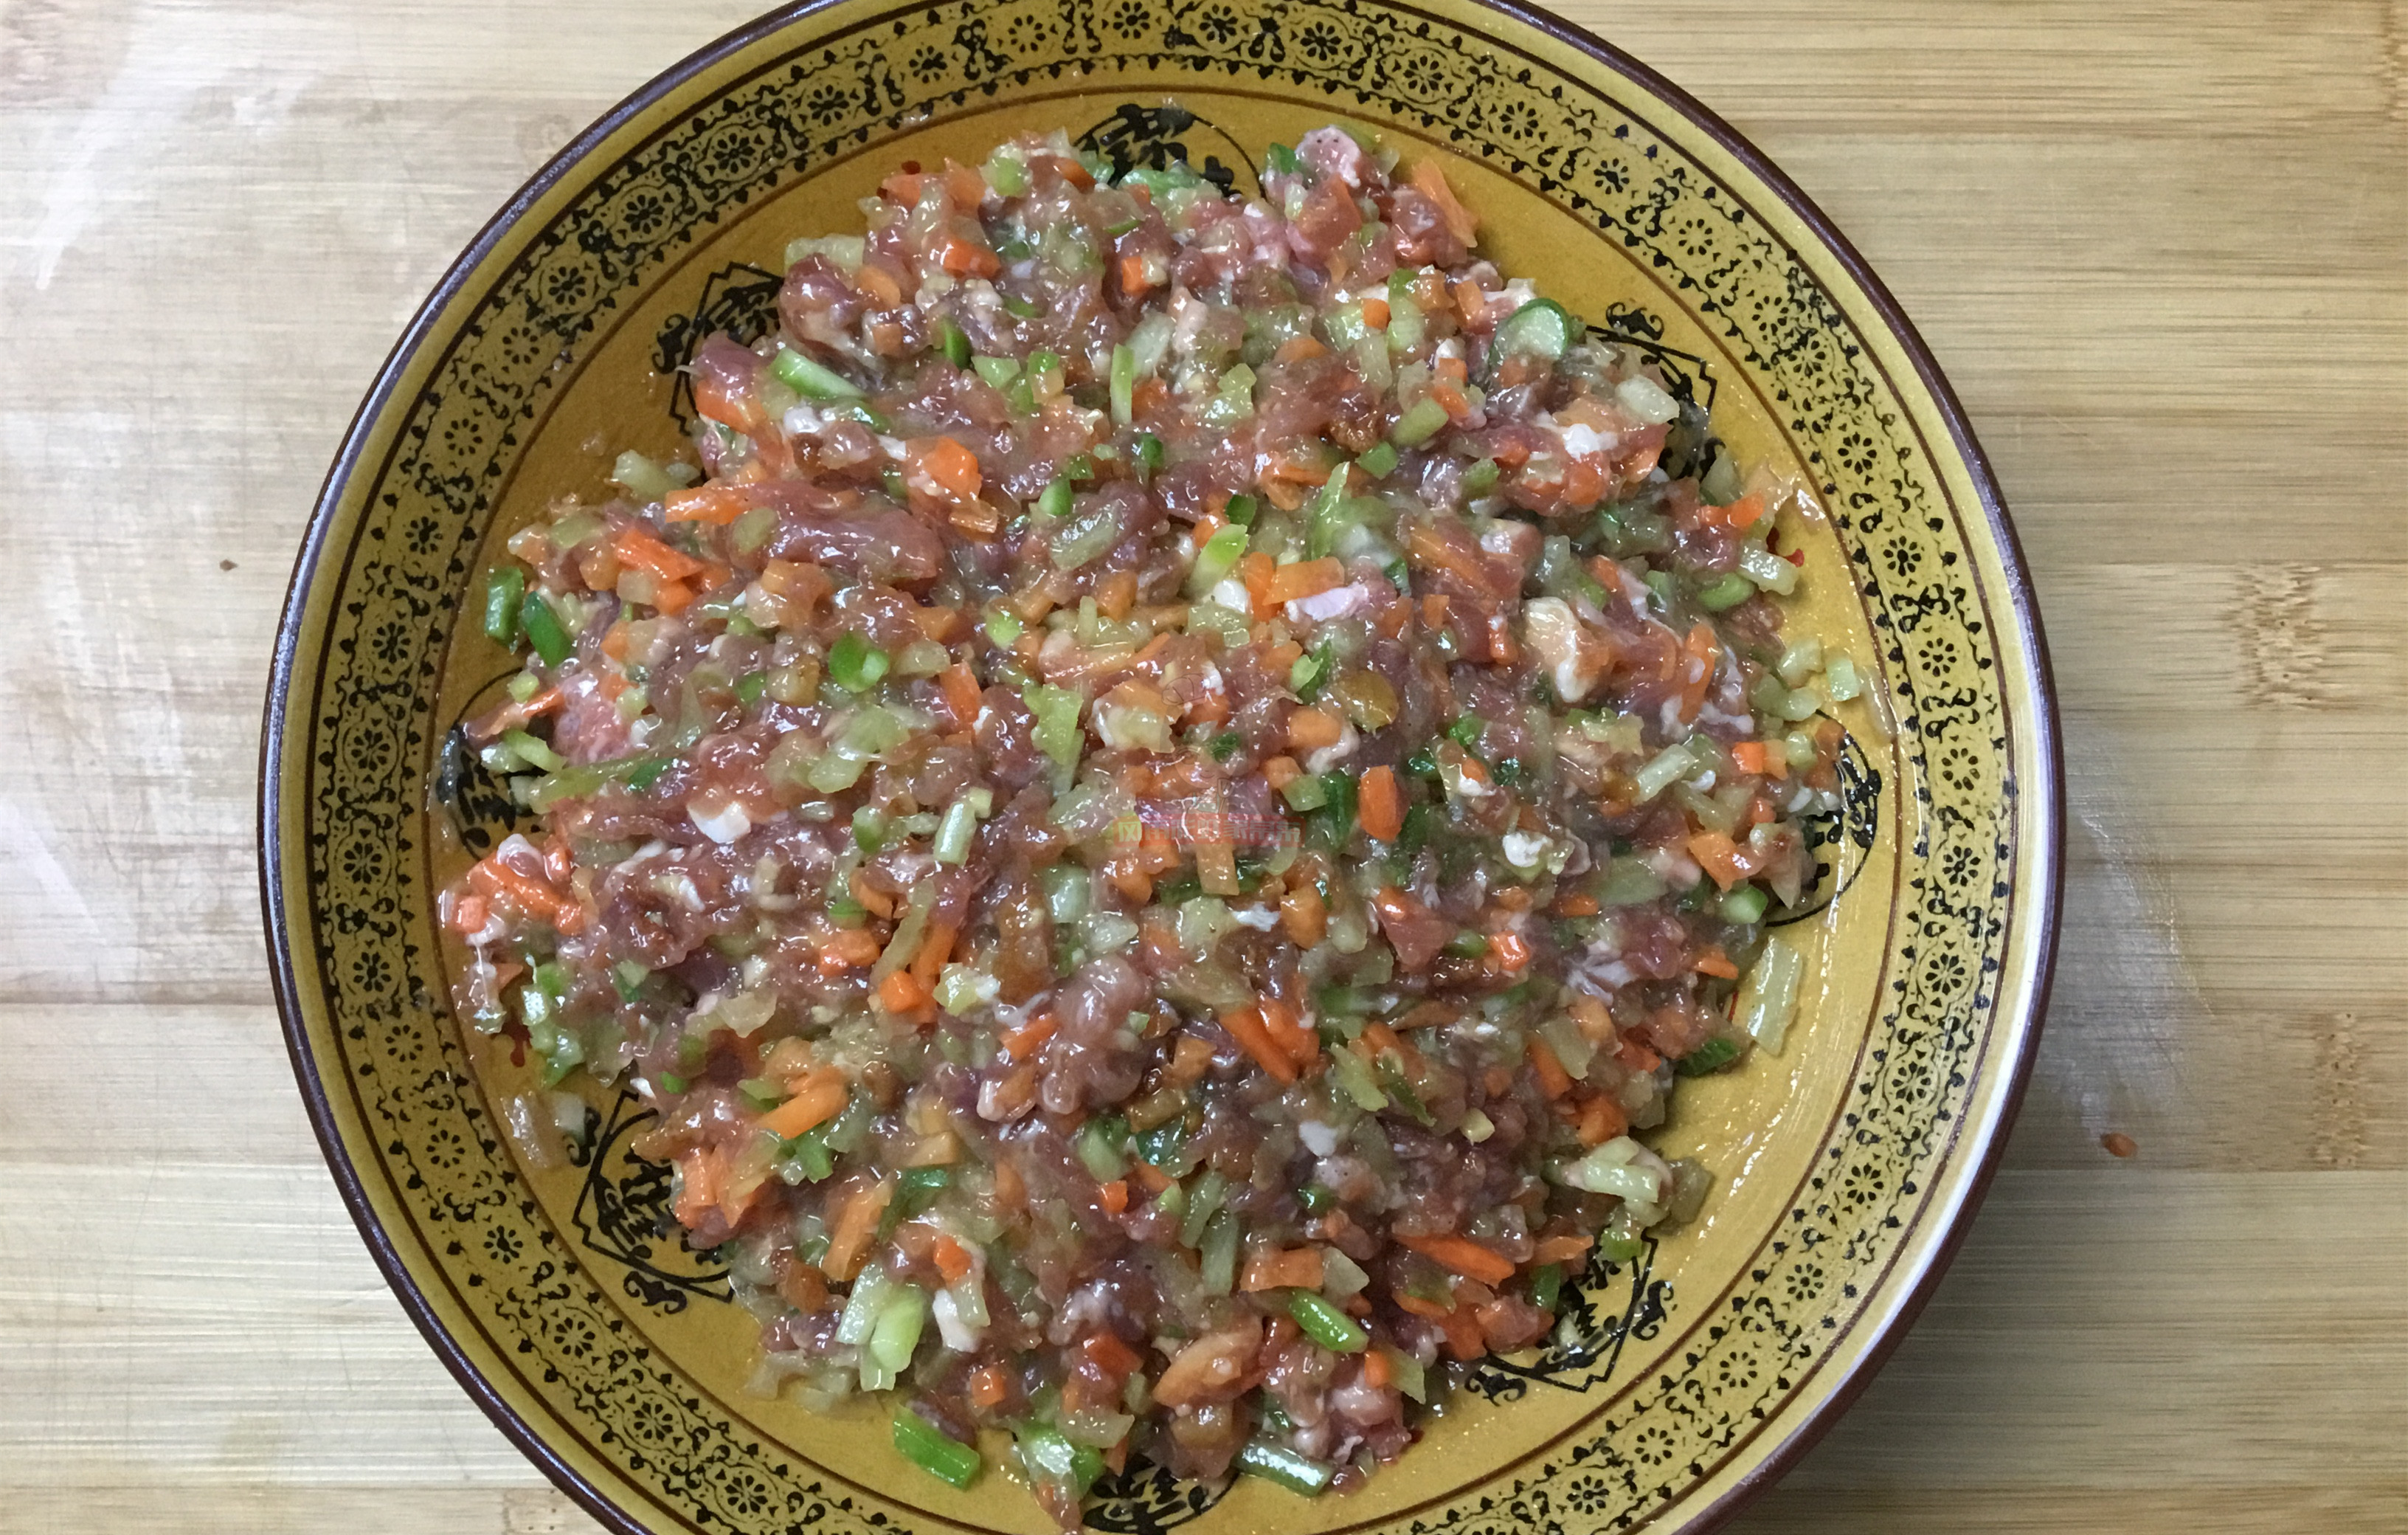 牛肉馅蒸饺,调馅是关键,做对了肉嫩多汁,味道鲜美 美食做法 第3张